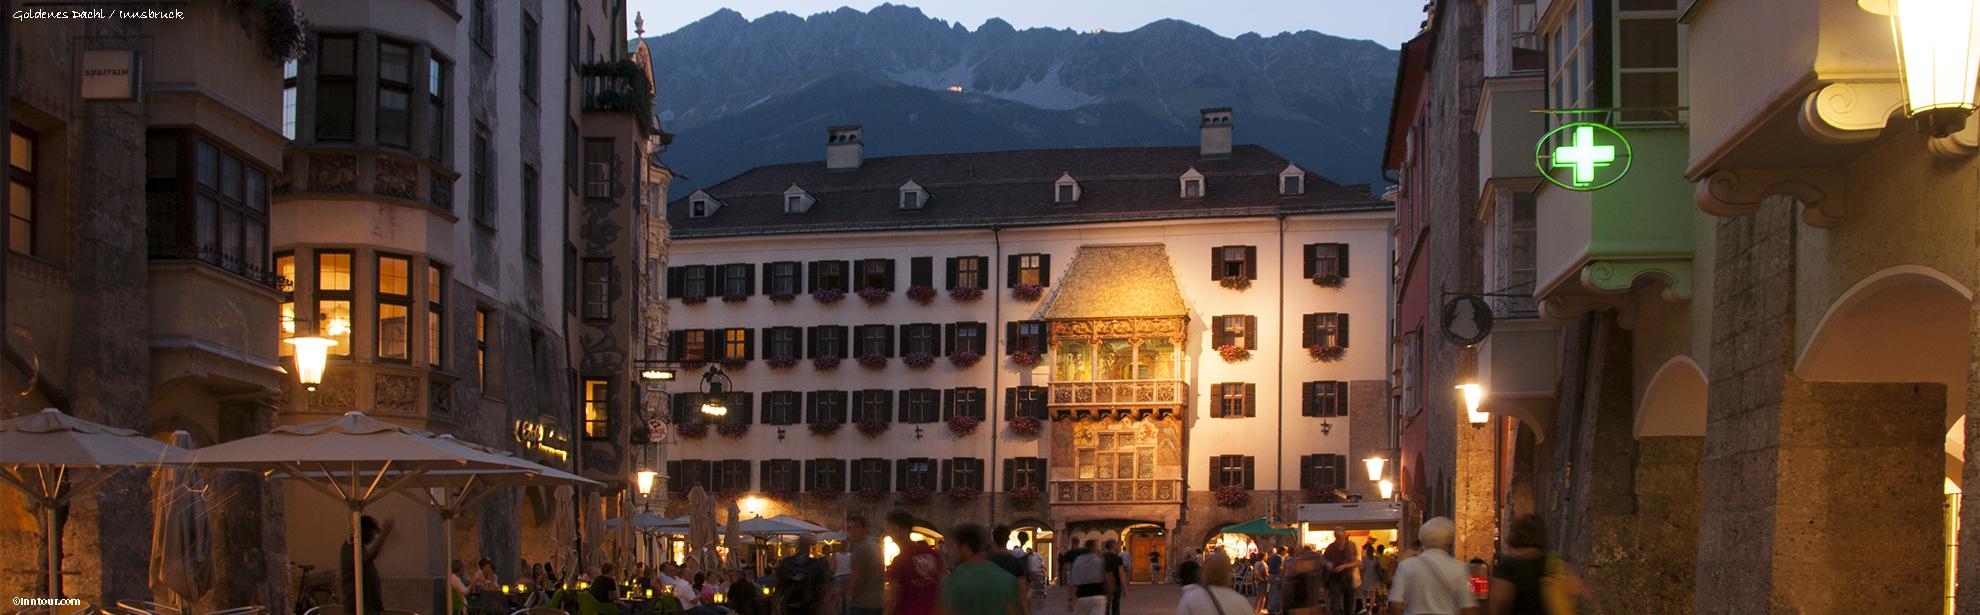 Ofamilyinntour_Gold-Dachl_Innsbruck_DSC_2548